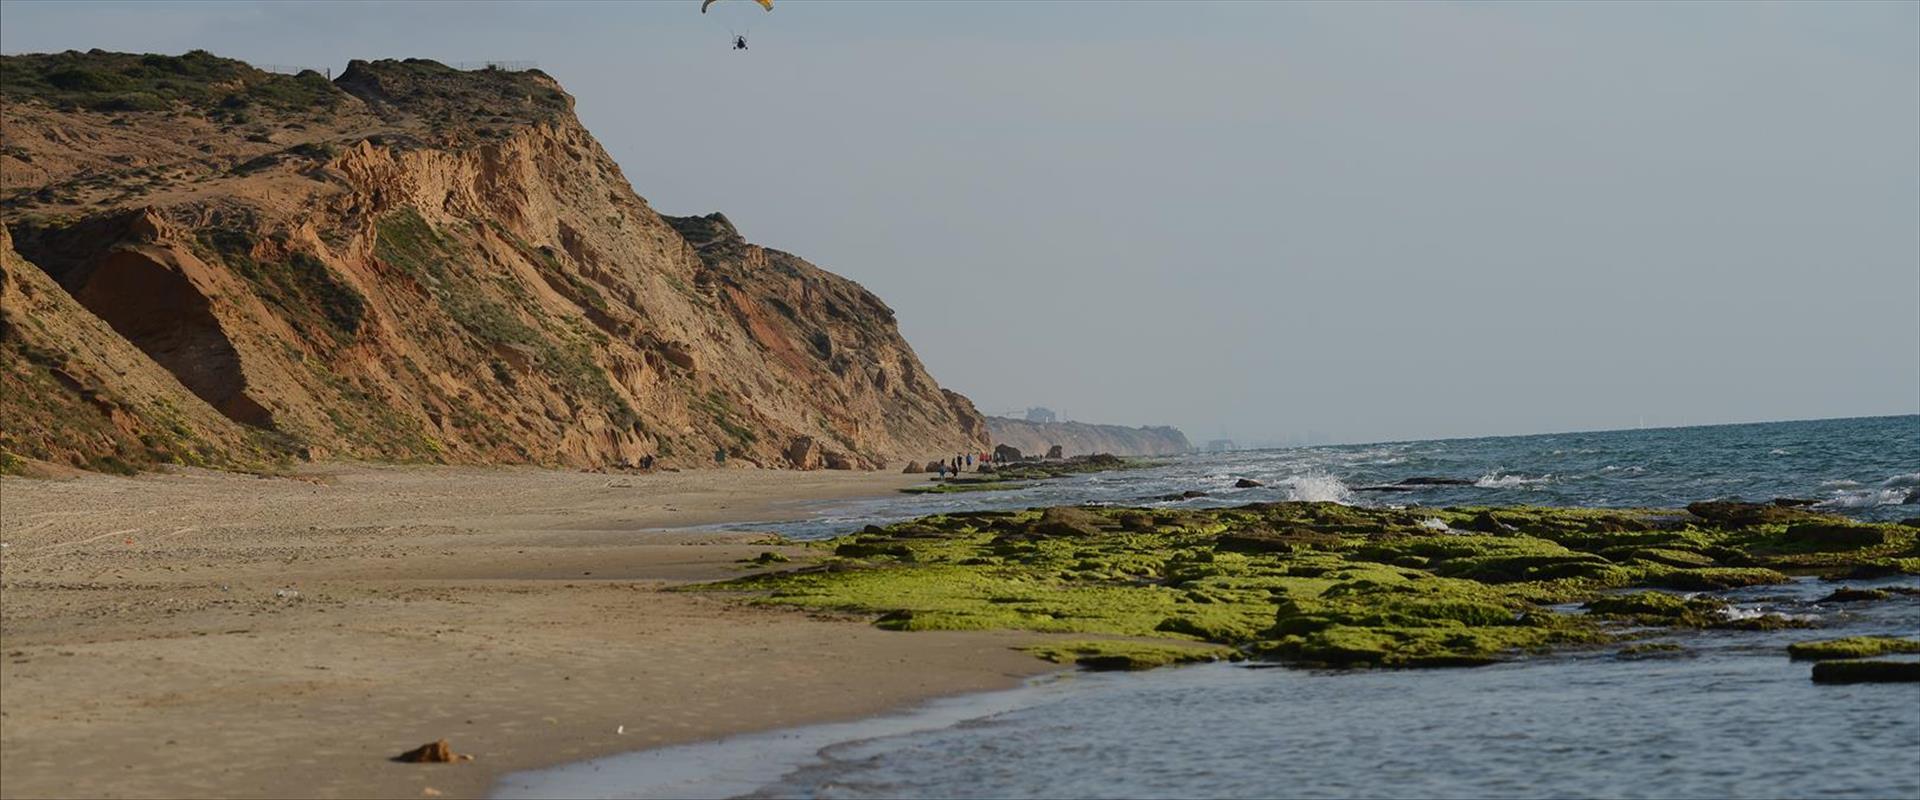 חוף פולג, ארכיון